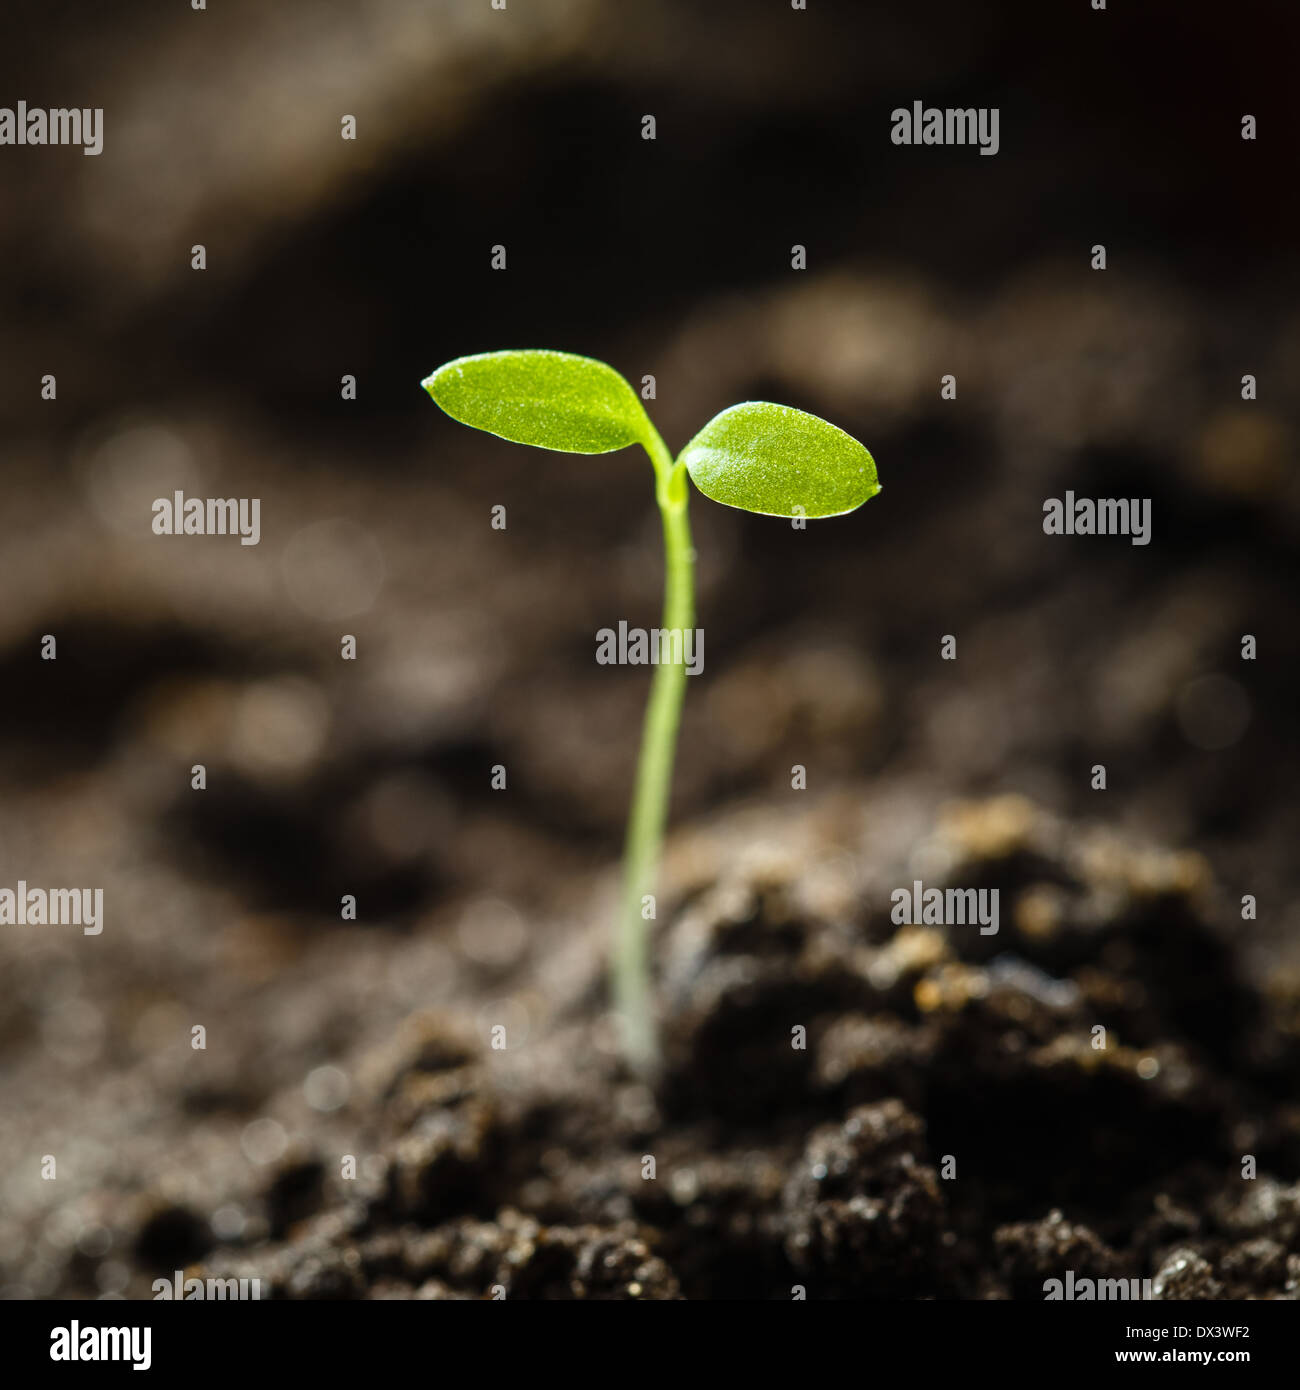 Germoglio verde che cresce dal seme isolare su sfondo bianco. Simbolo di primavera, il concetto di vita nuova Immagini Stock